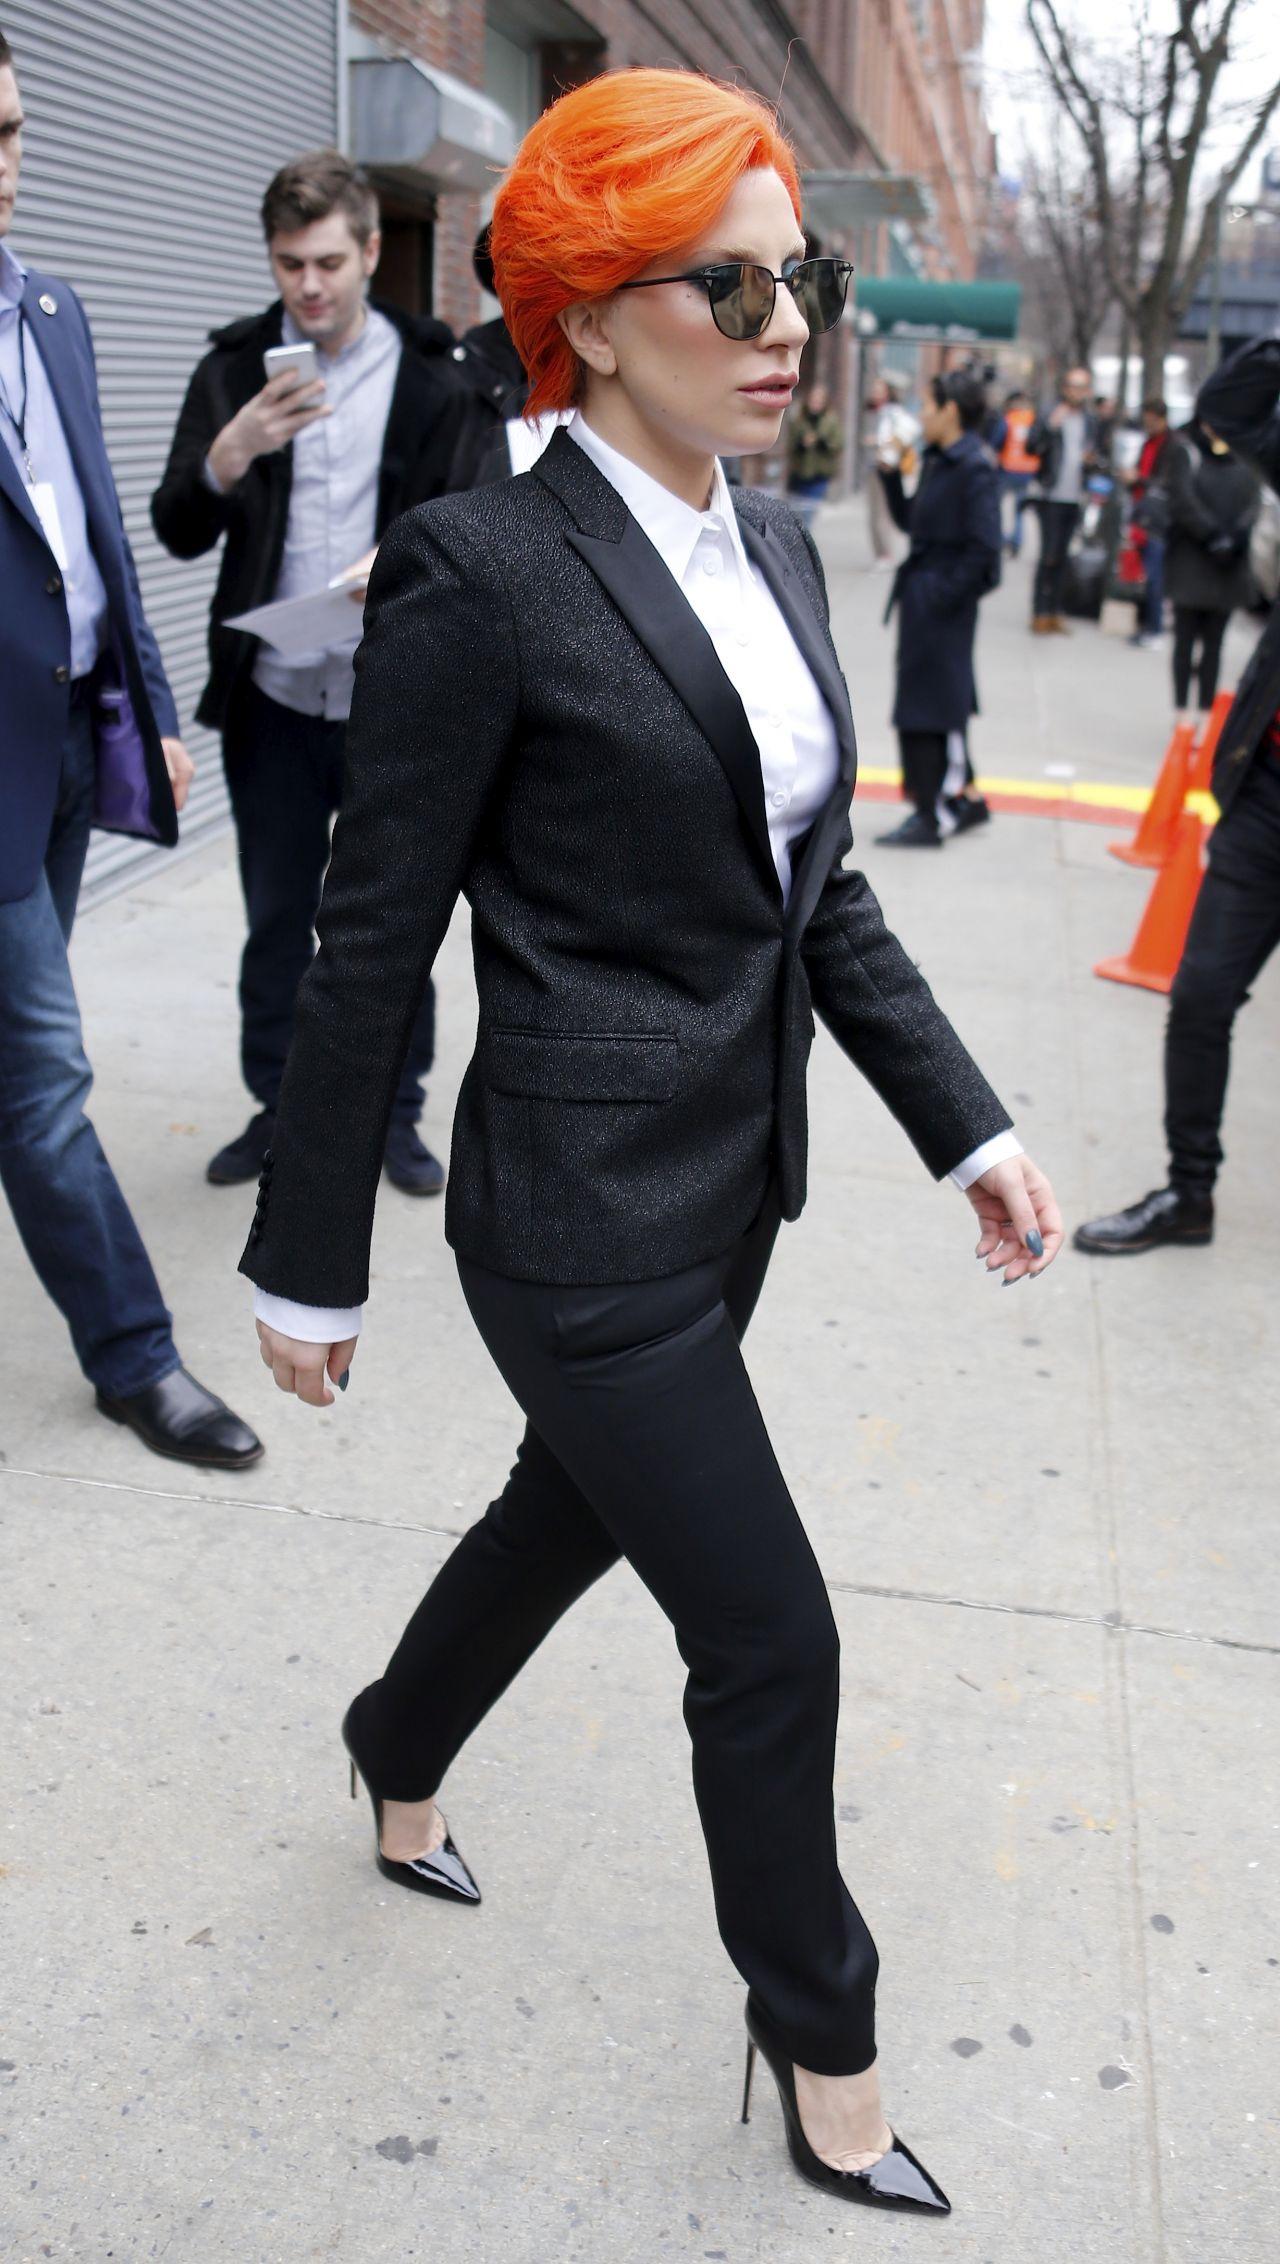 Lady Gaga Style Nicopanda Show New York Fashion Week 2 17 2016